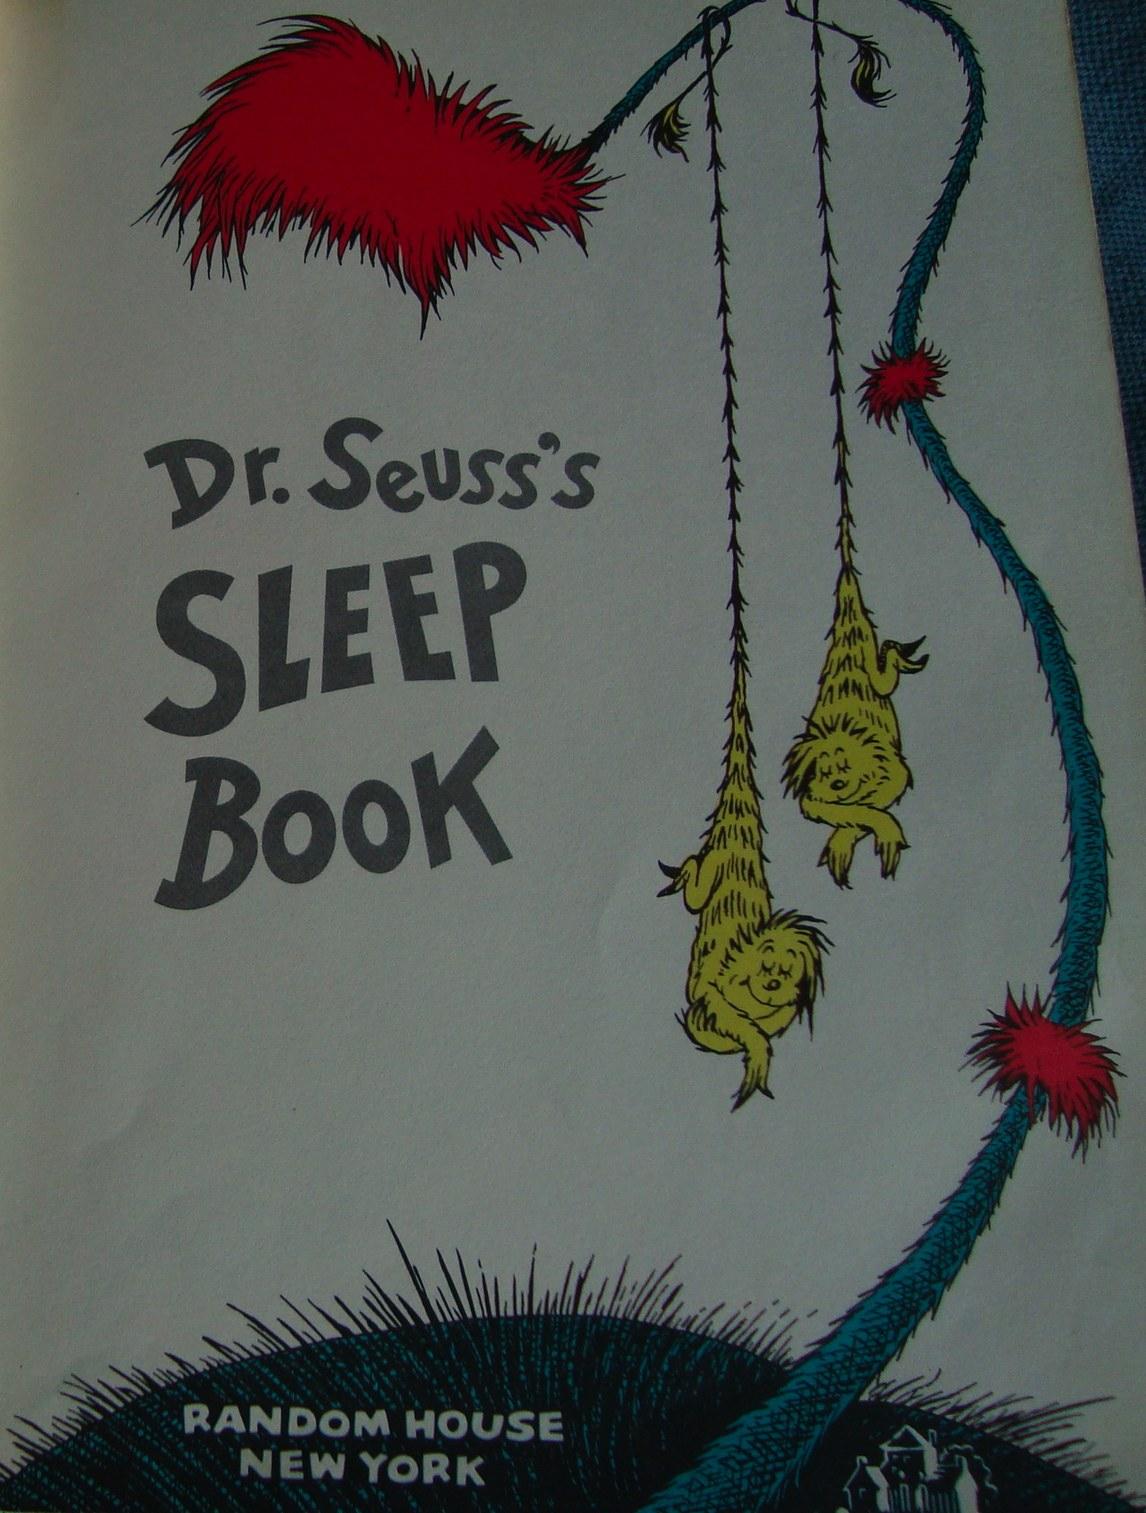 Mamá de Ultramar: Más dibujos y cuentos. Dormir según el Dr. Seuss